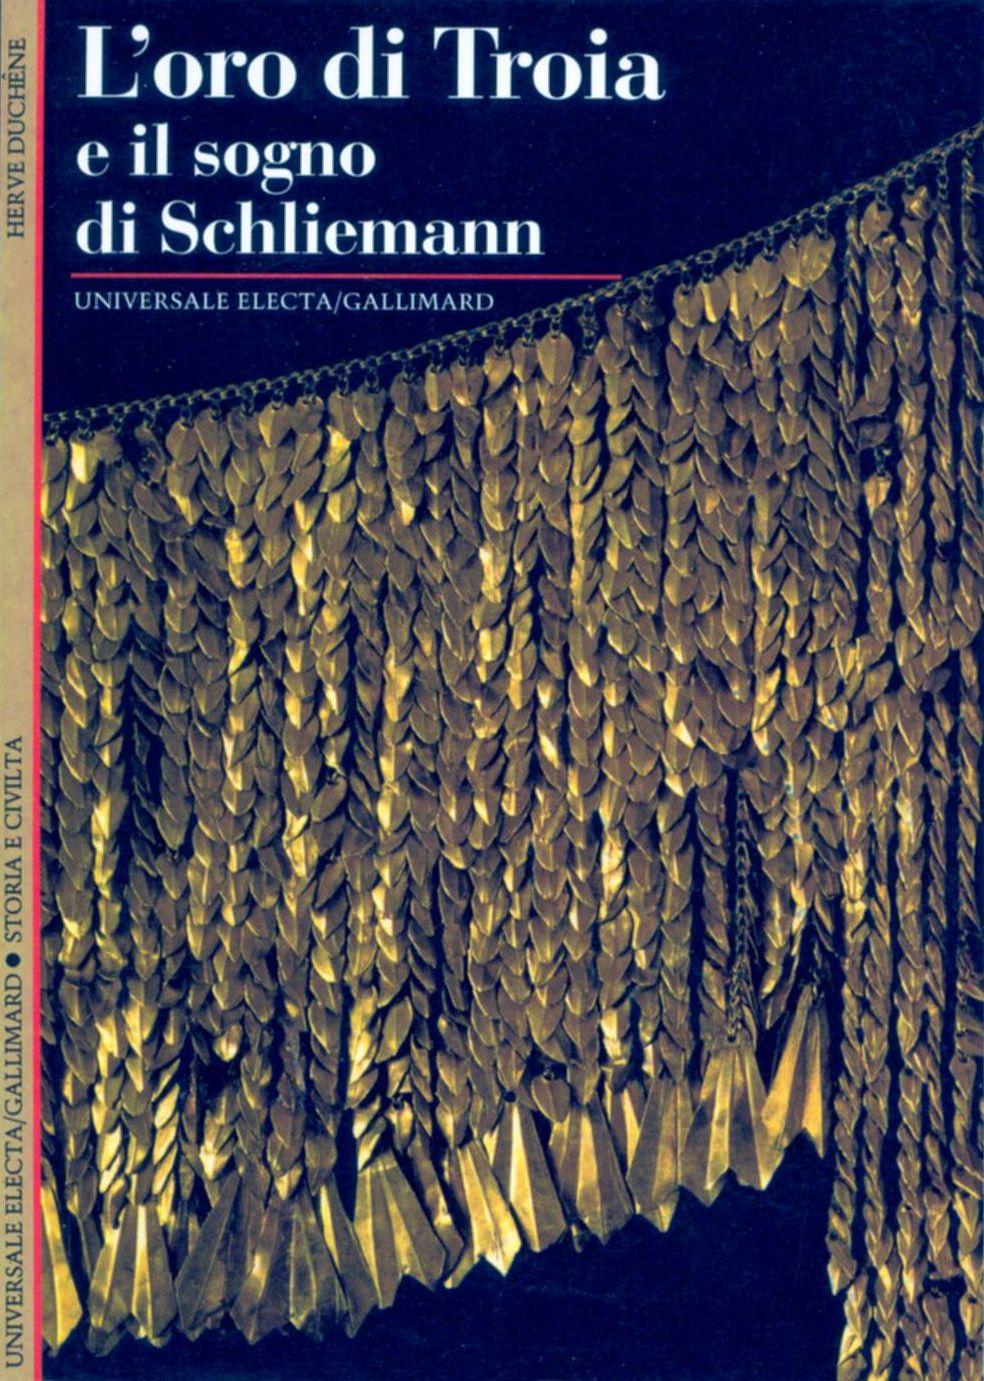 L'oro di Troia e il sogno di Schliemann